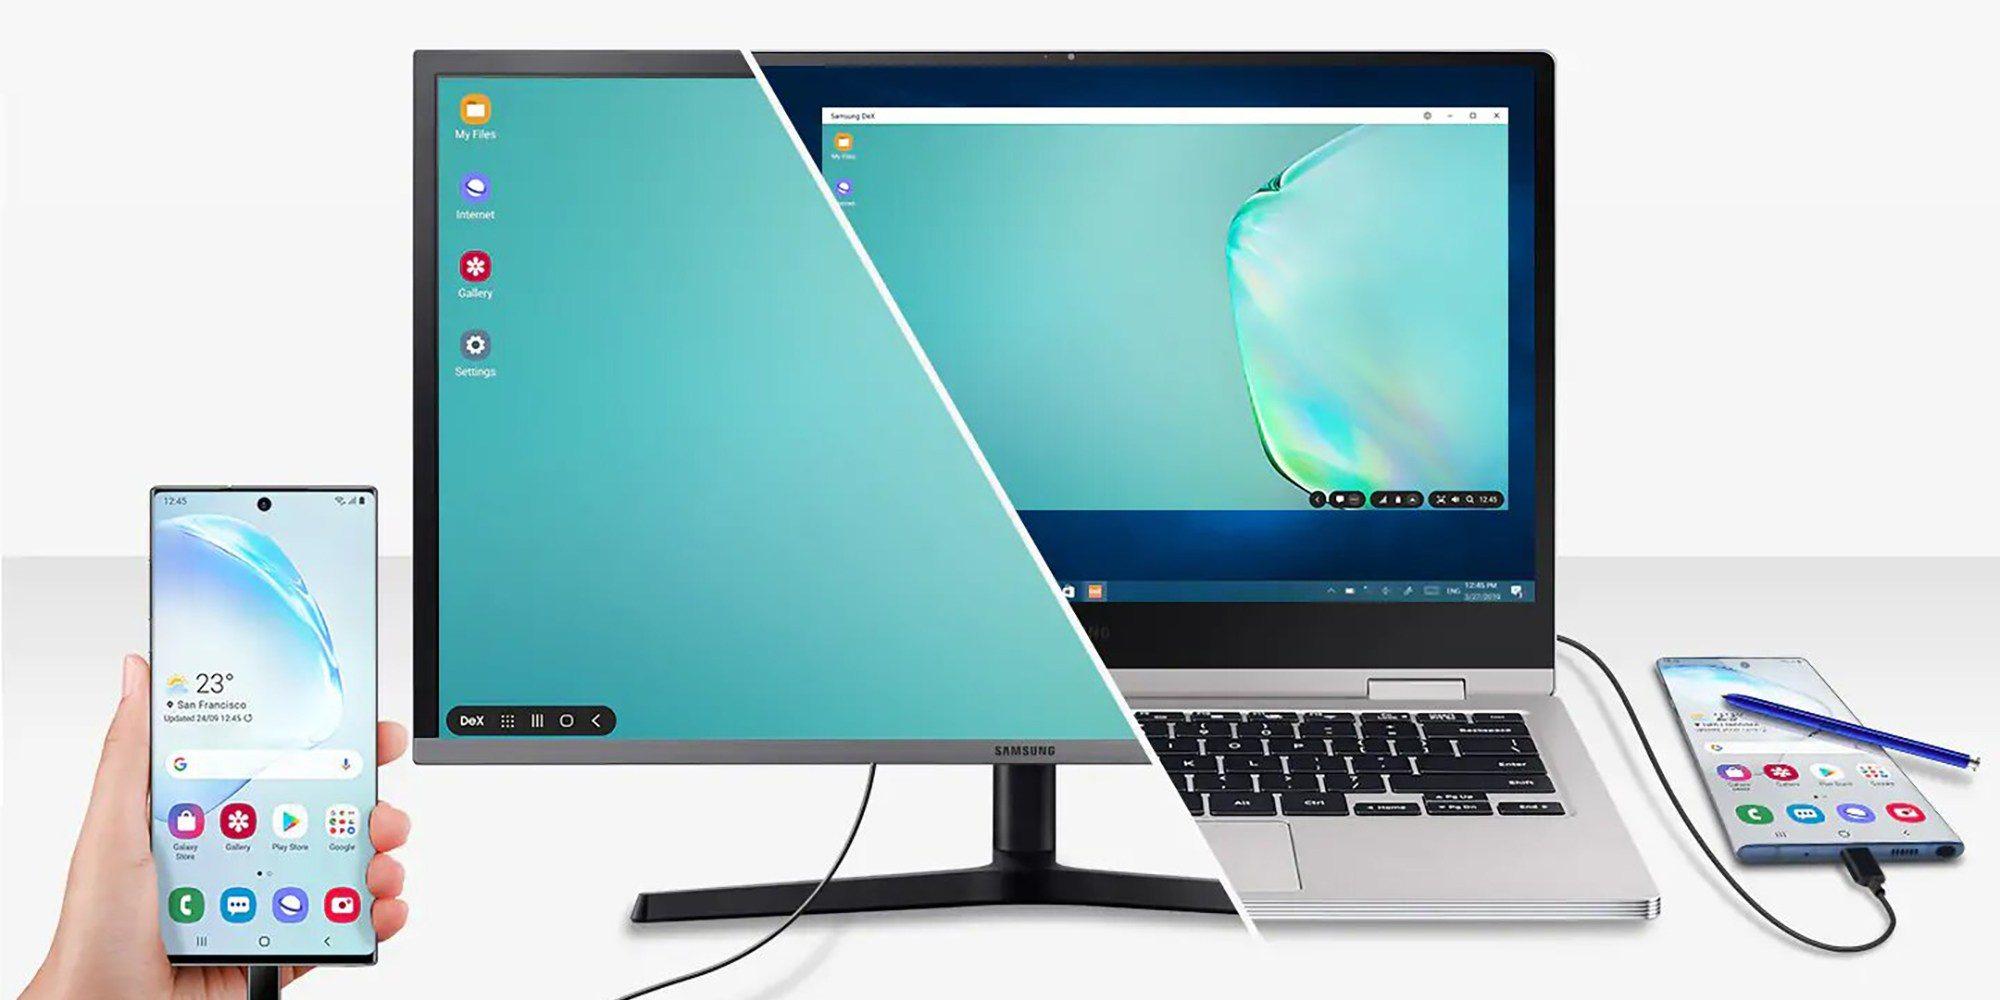 Samsung DeX Note 10